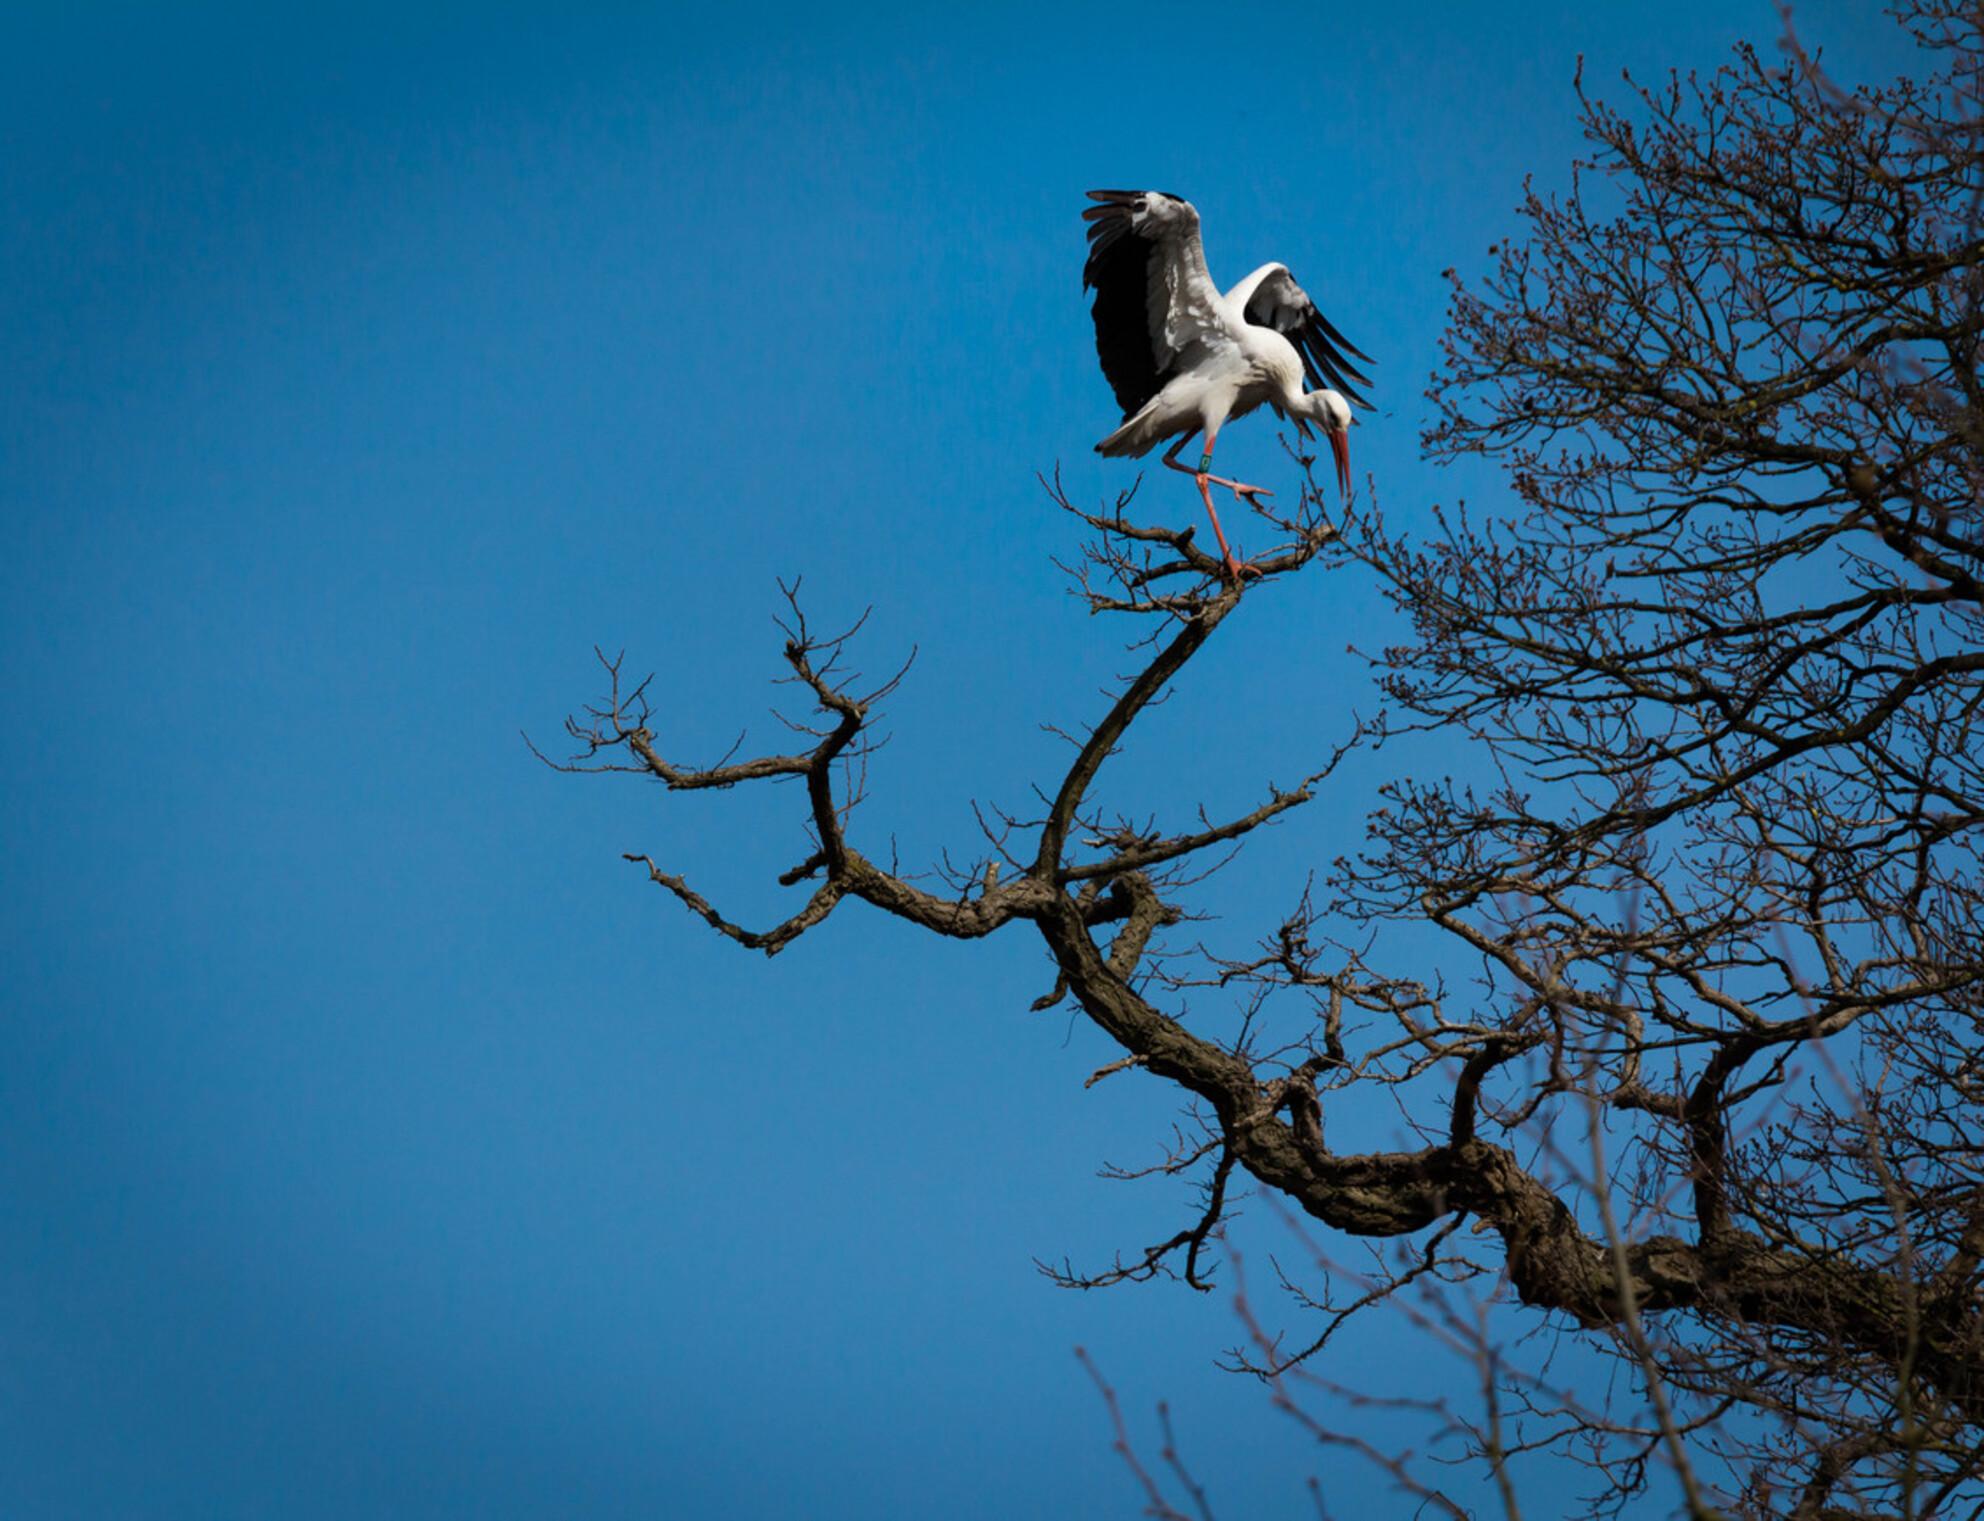 Trip naar Planckendael - De foto is genomen op een mooie lentedag.  Deze grote en opvallende vogel kon ik niet aan mijn lens voorbij laten gaan! - foto door laura29 op 12-04-2015 - deze foto bevat: dierentuin, natuur, dieren, vogel - Deze foto mag gebruikt worden in een Zoom.nl publicatie